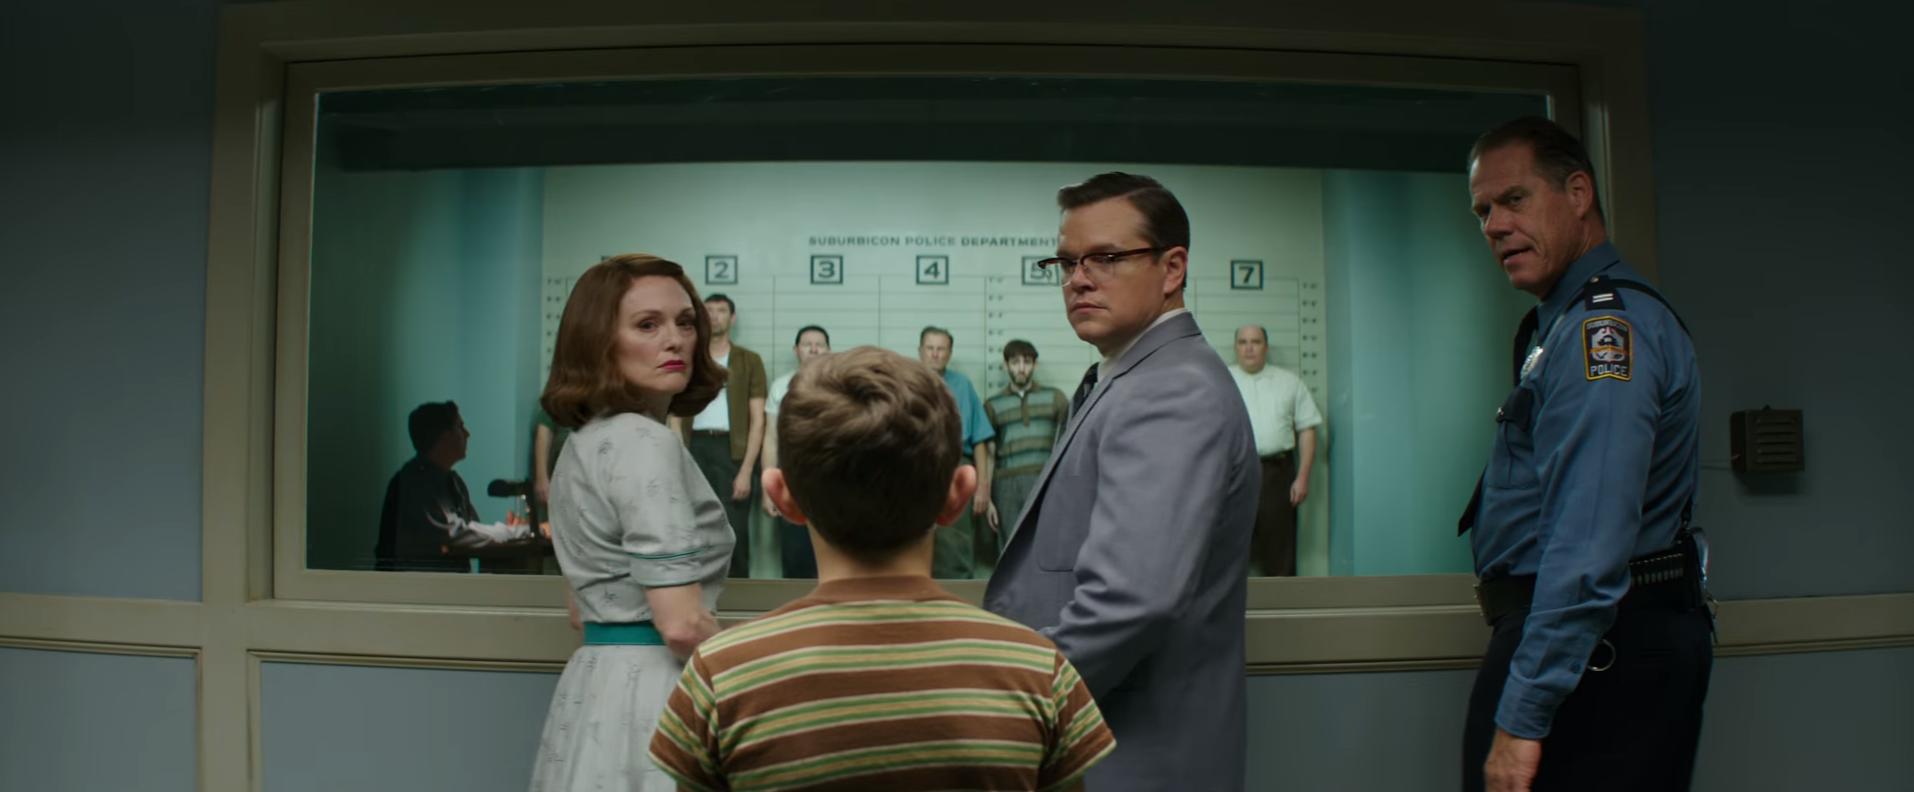 suburbicon-movie-trailer-screencaps-8.png